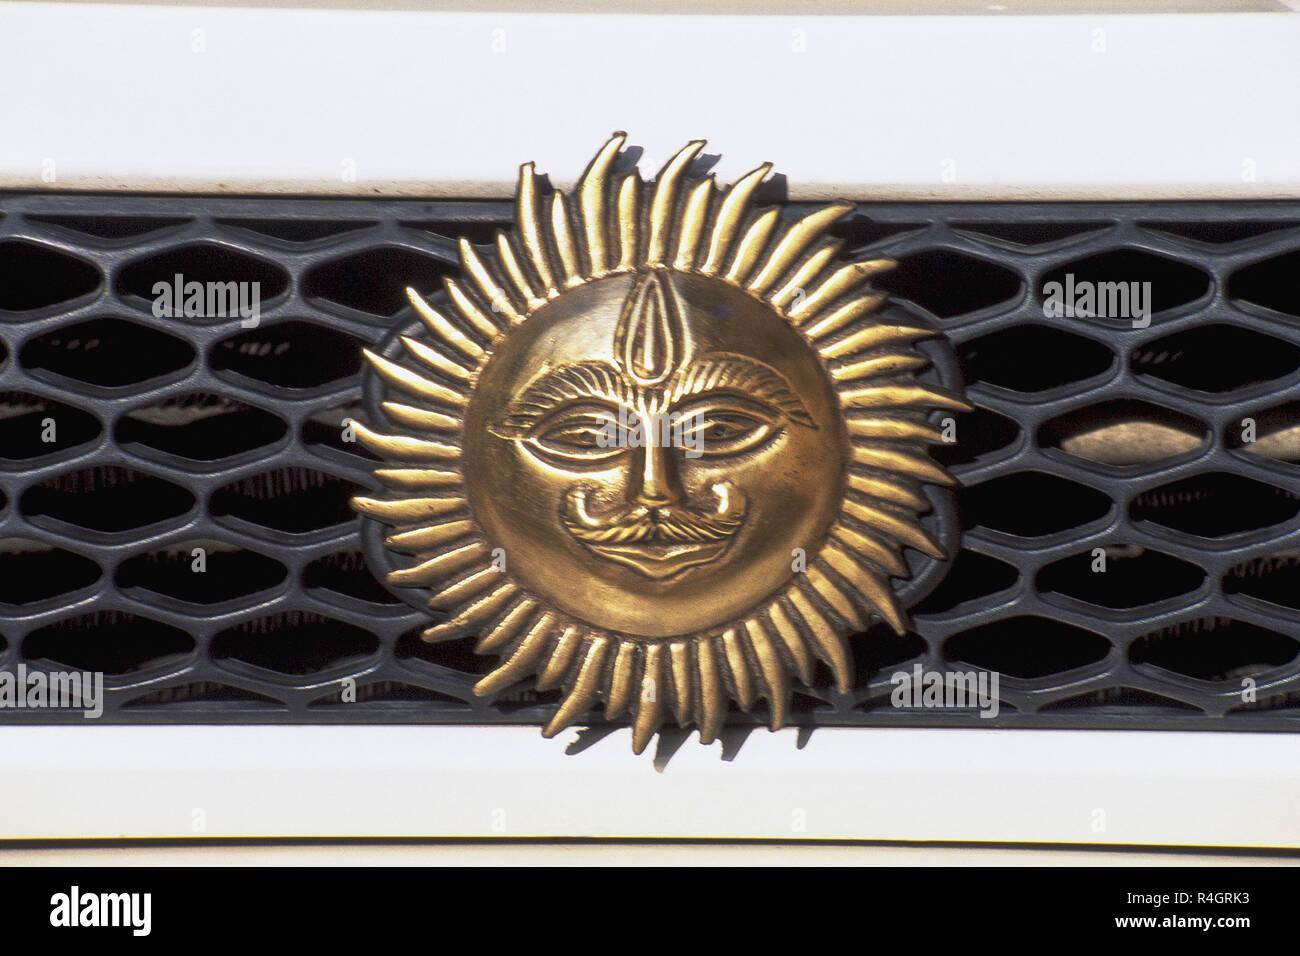 Emblem of sun on car dash, Mumbai, India, Asia - Stock Image